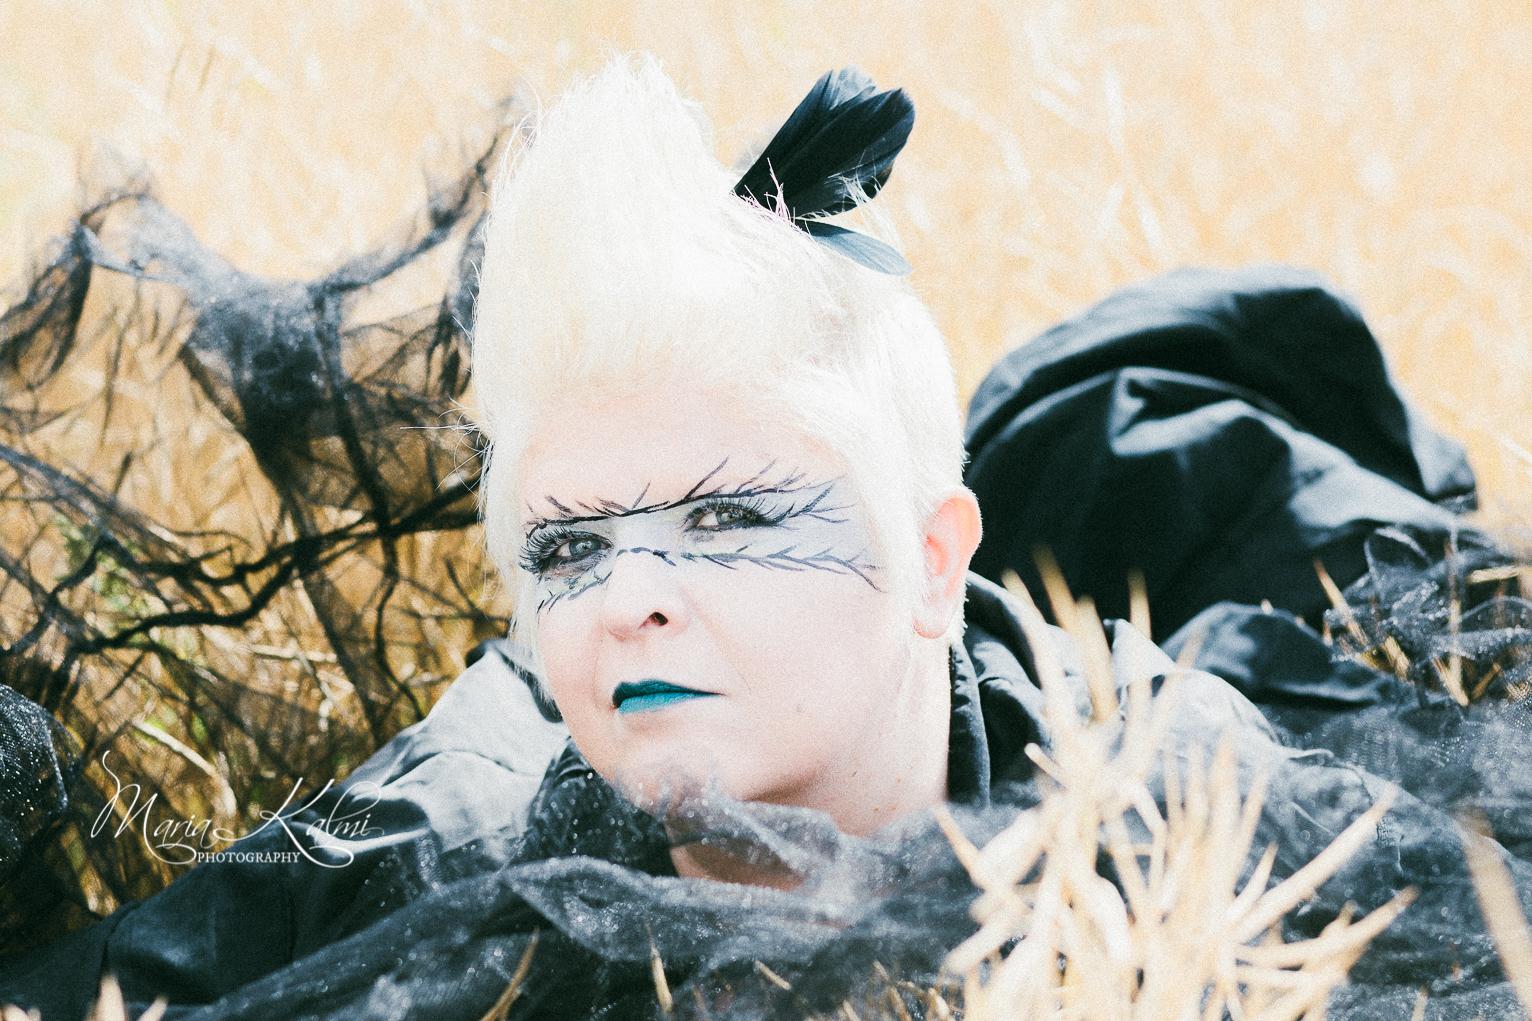 """""""Verkostossani on huikeata ammattitaitoa ja osaamista, kuten tämä valokuvaaja Maria Kalmin korpisoturiteemalla toteutetut kuvaukset Villa Unelmassa Loviisassa.""""  © VALOKUVAAJA MARIA KALMI 2018 / UNELMAKONTTORI.FI"""